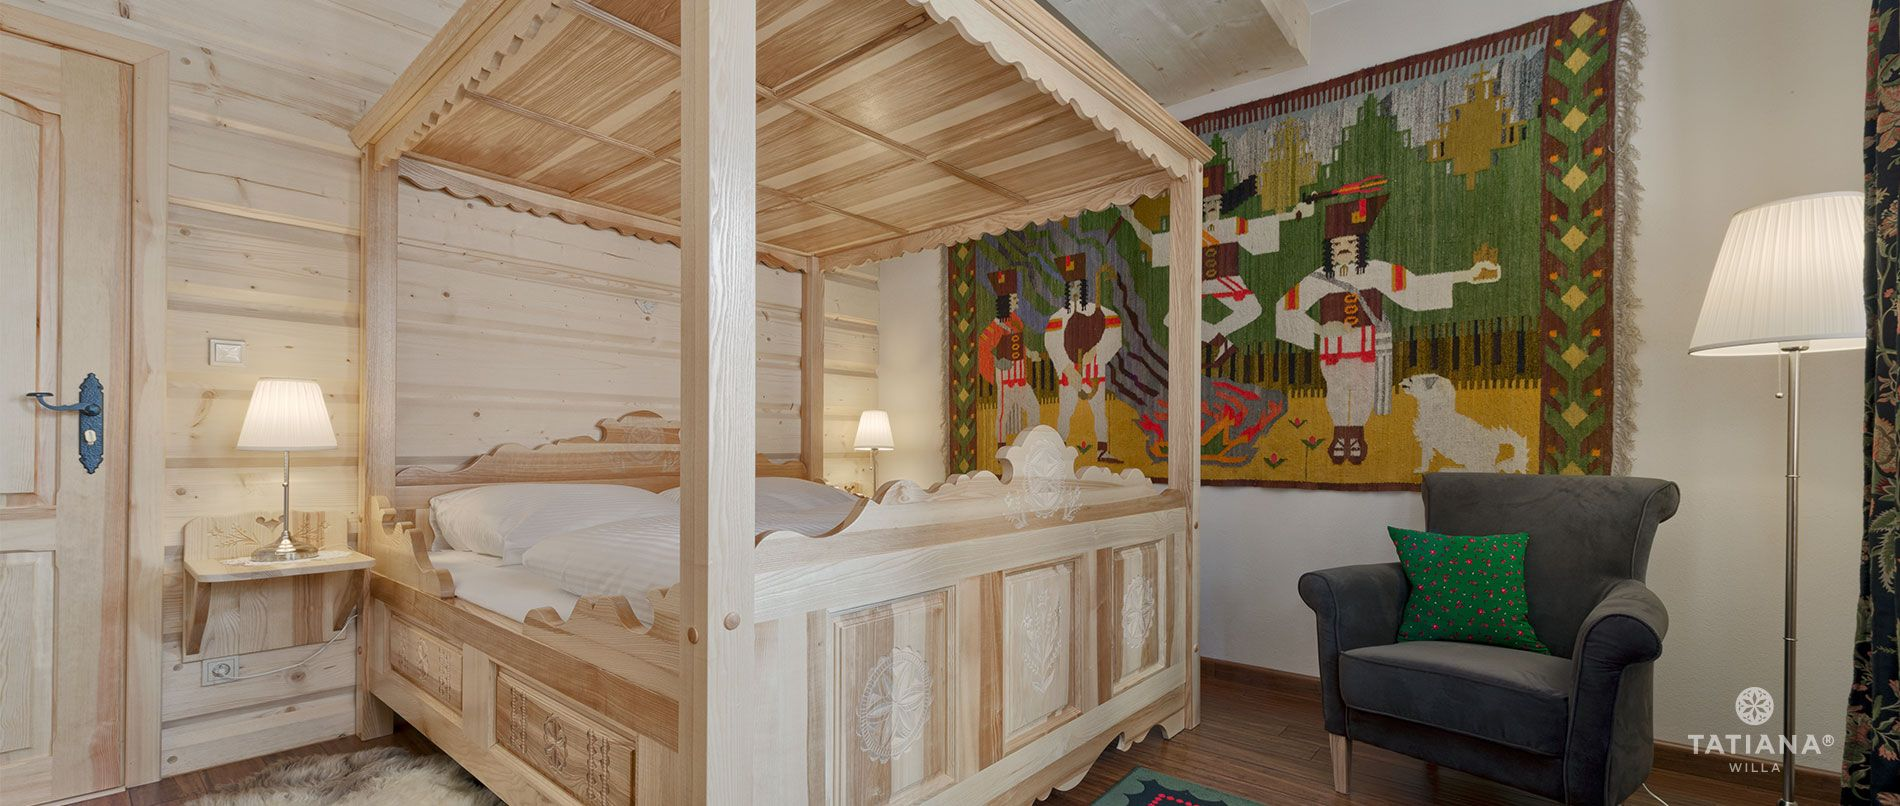 Apartament Lux11- sypialnia